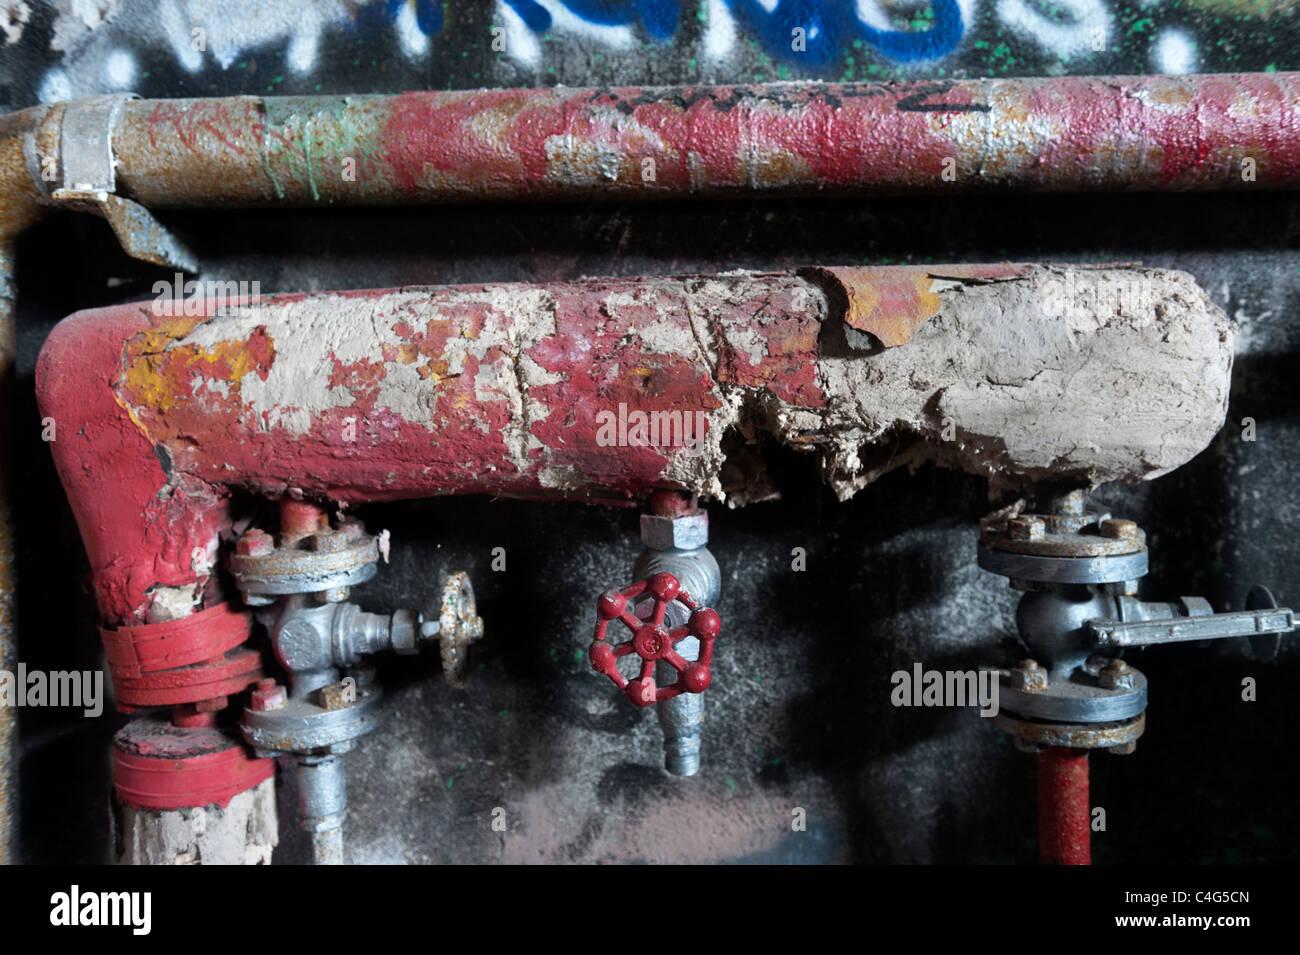 Alte Rohrleitungen in einem verlassenen Gebäude. Stockbild